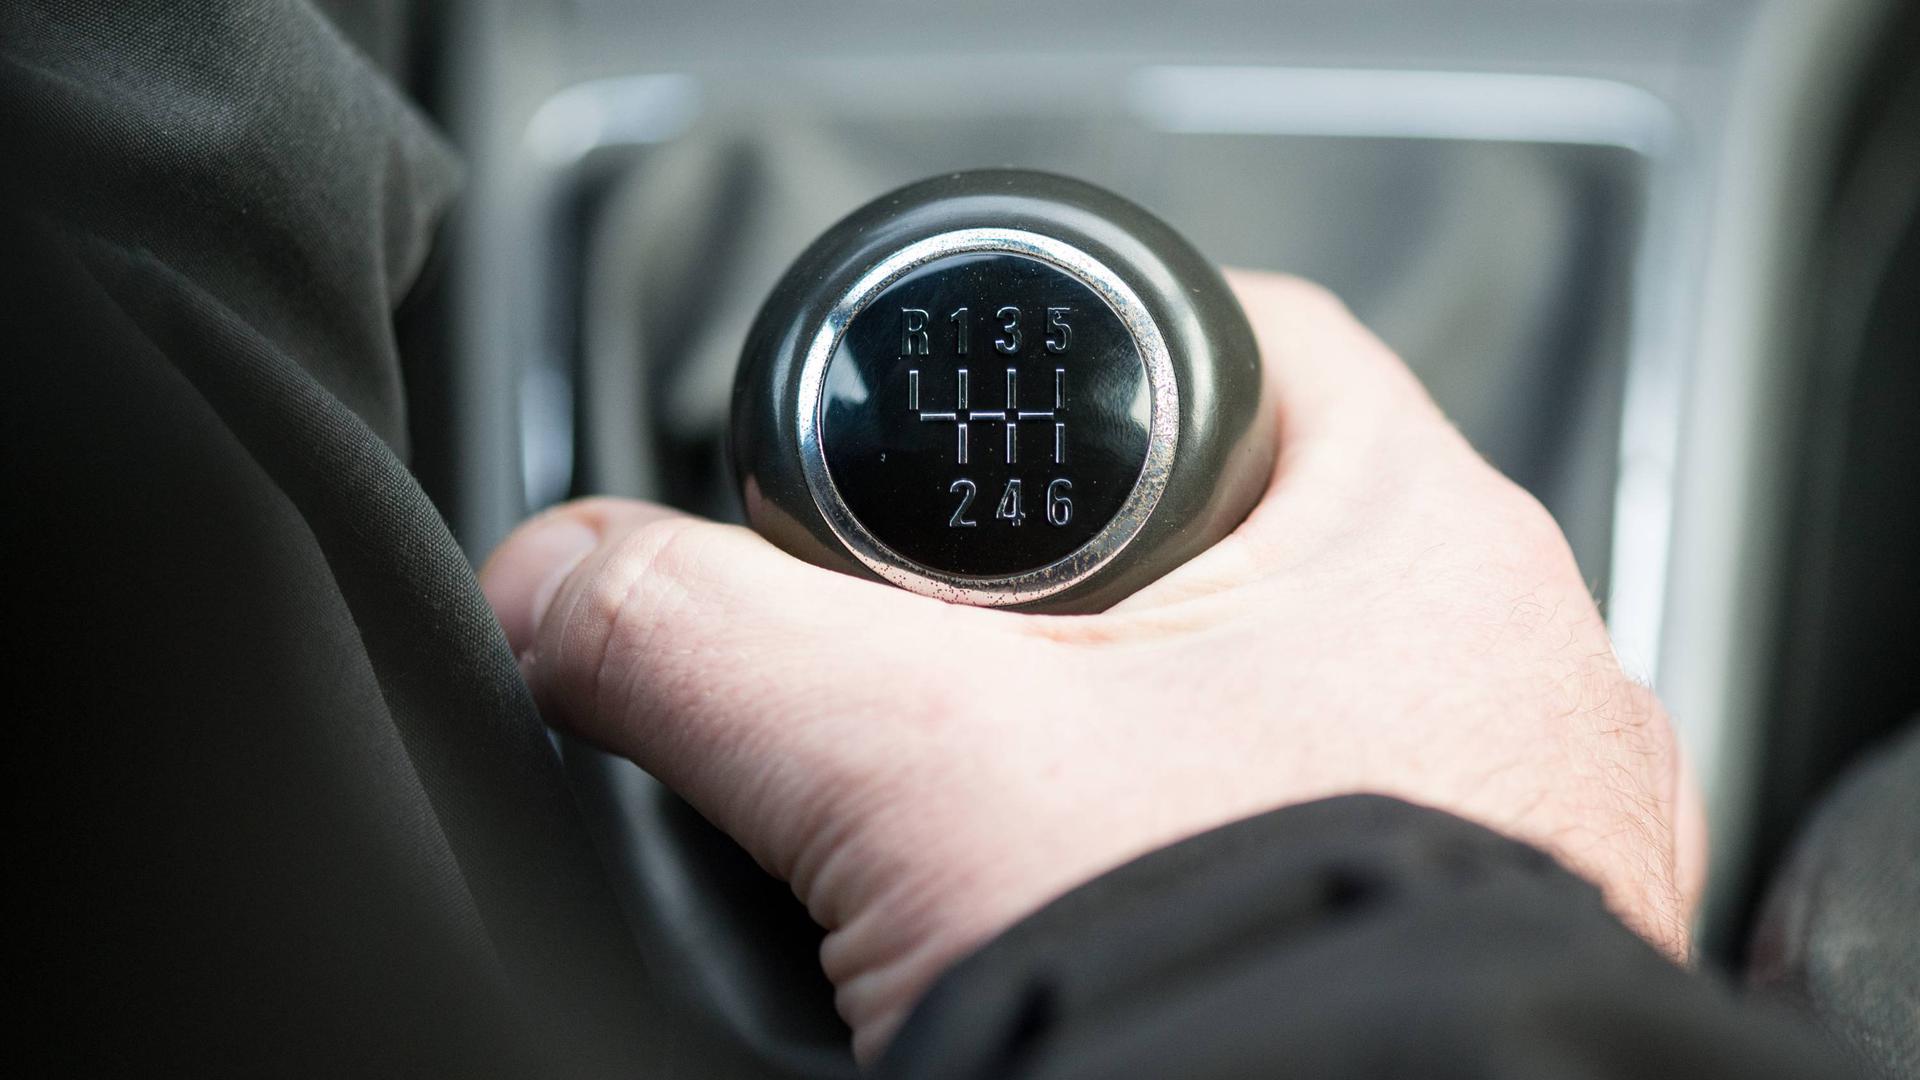 Sechs nach vorne, einer nach hinten. So kennen viele den Schaltknüppel aus älteren und aktuellen Autos.